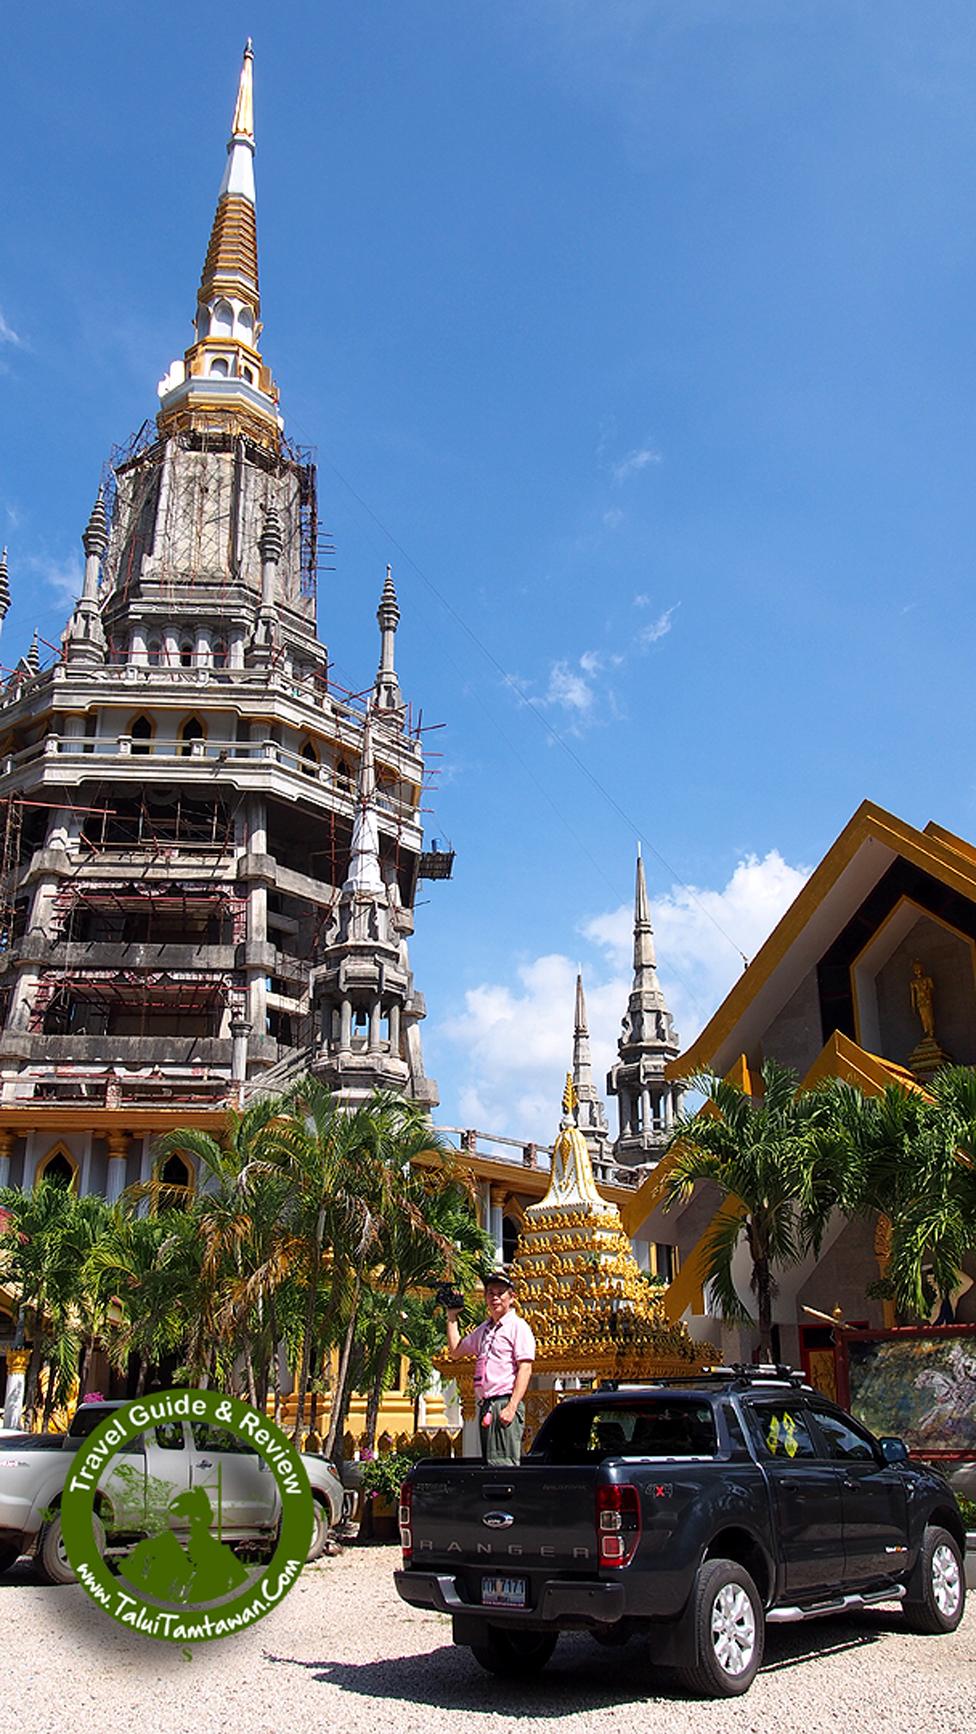 กรณี นักท่องเที่ยวชาวไทย นิยม ขับรถมากันเอง มีลานจอดรถให้ครับ